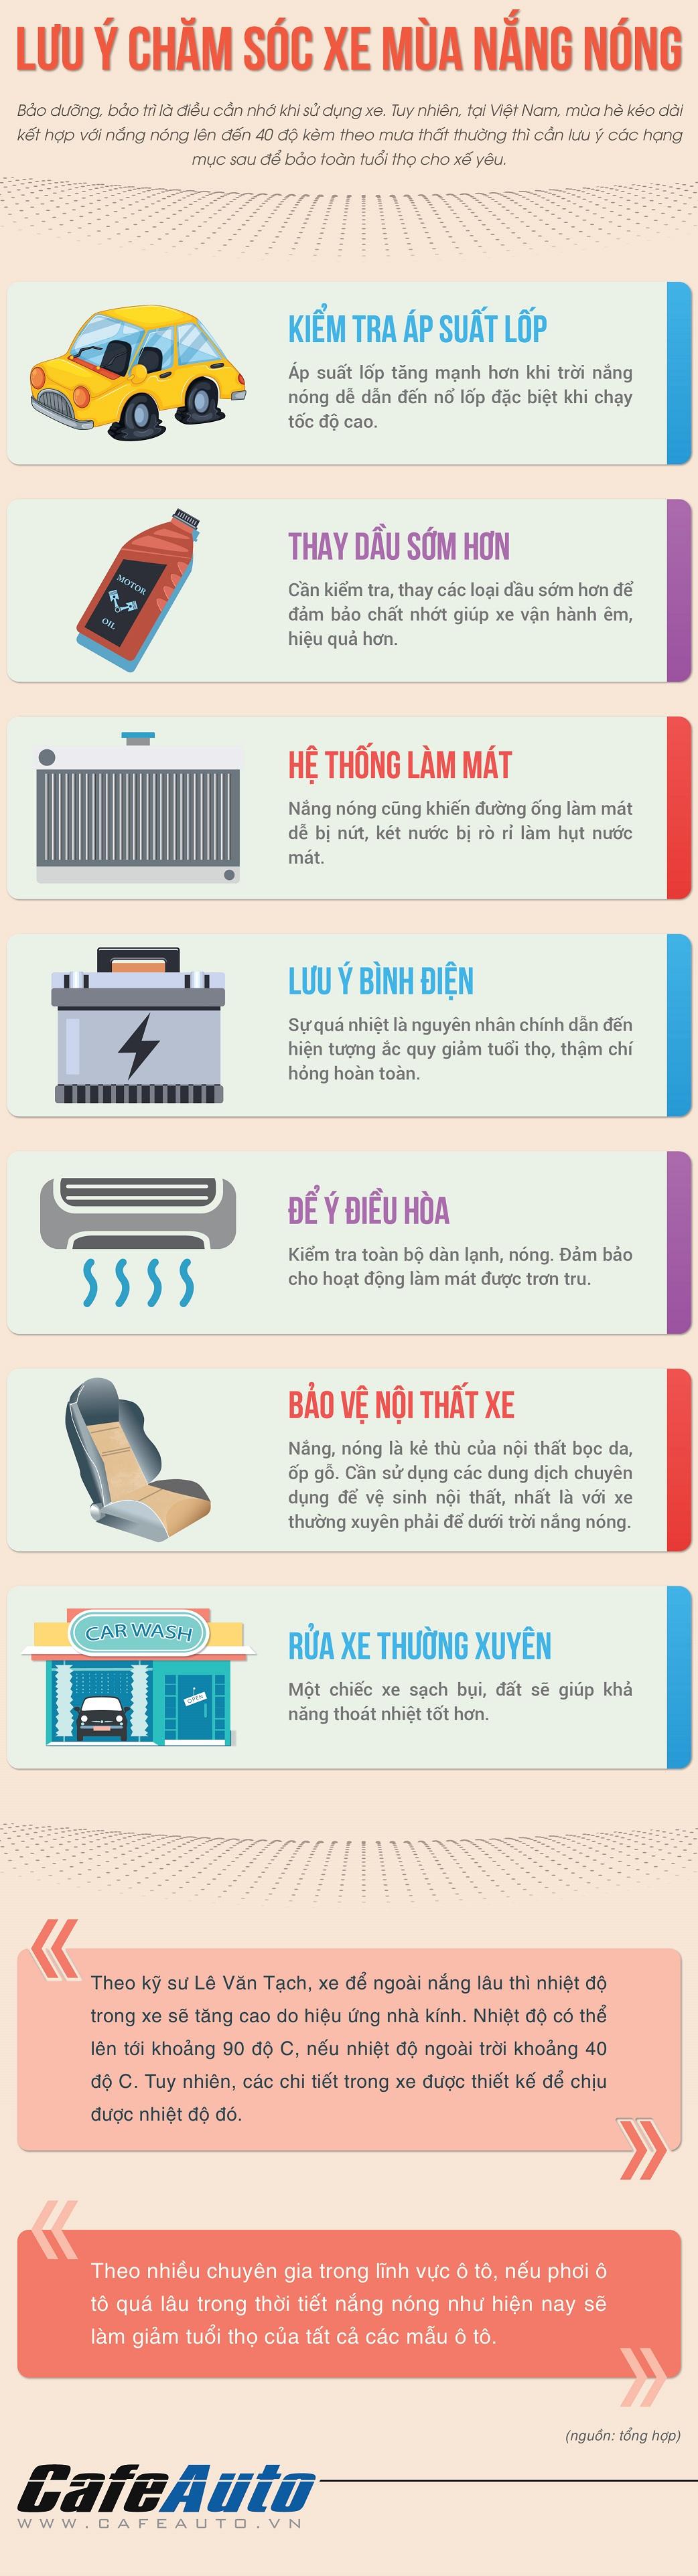 Lưu ý chăm sóc xe mùa nắng nóng